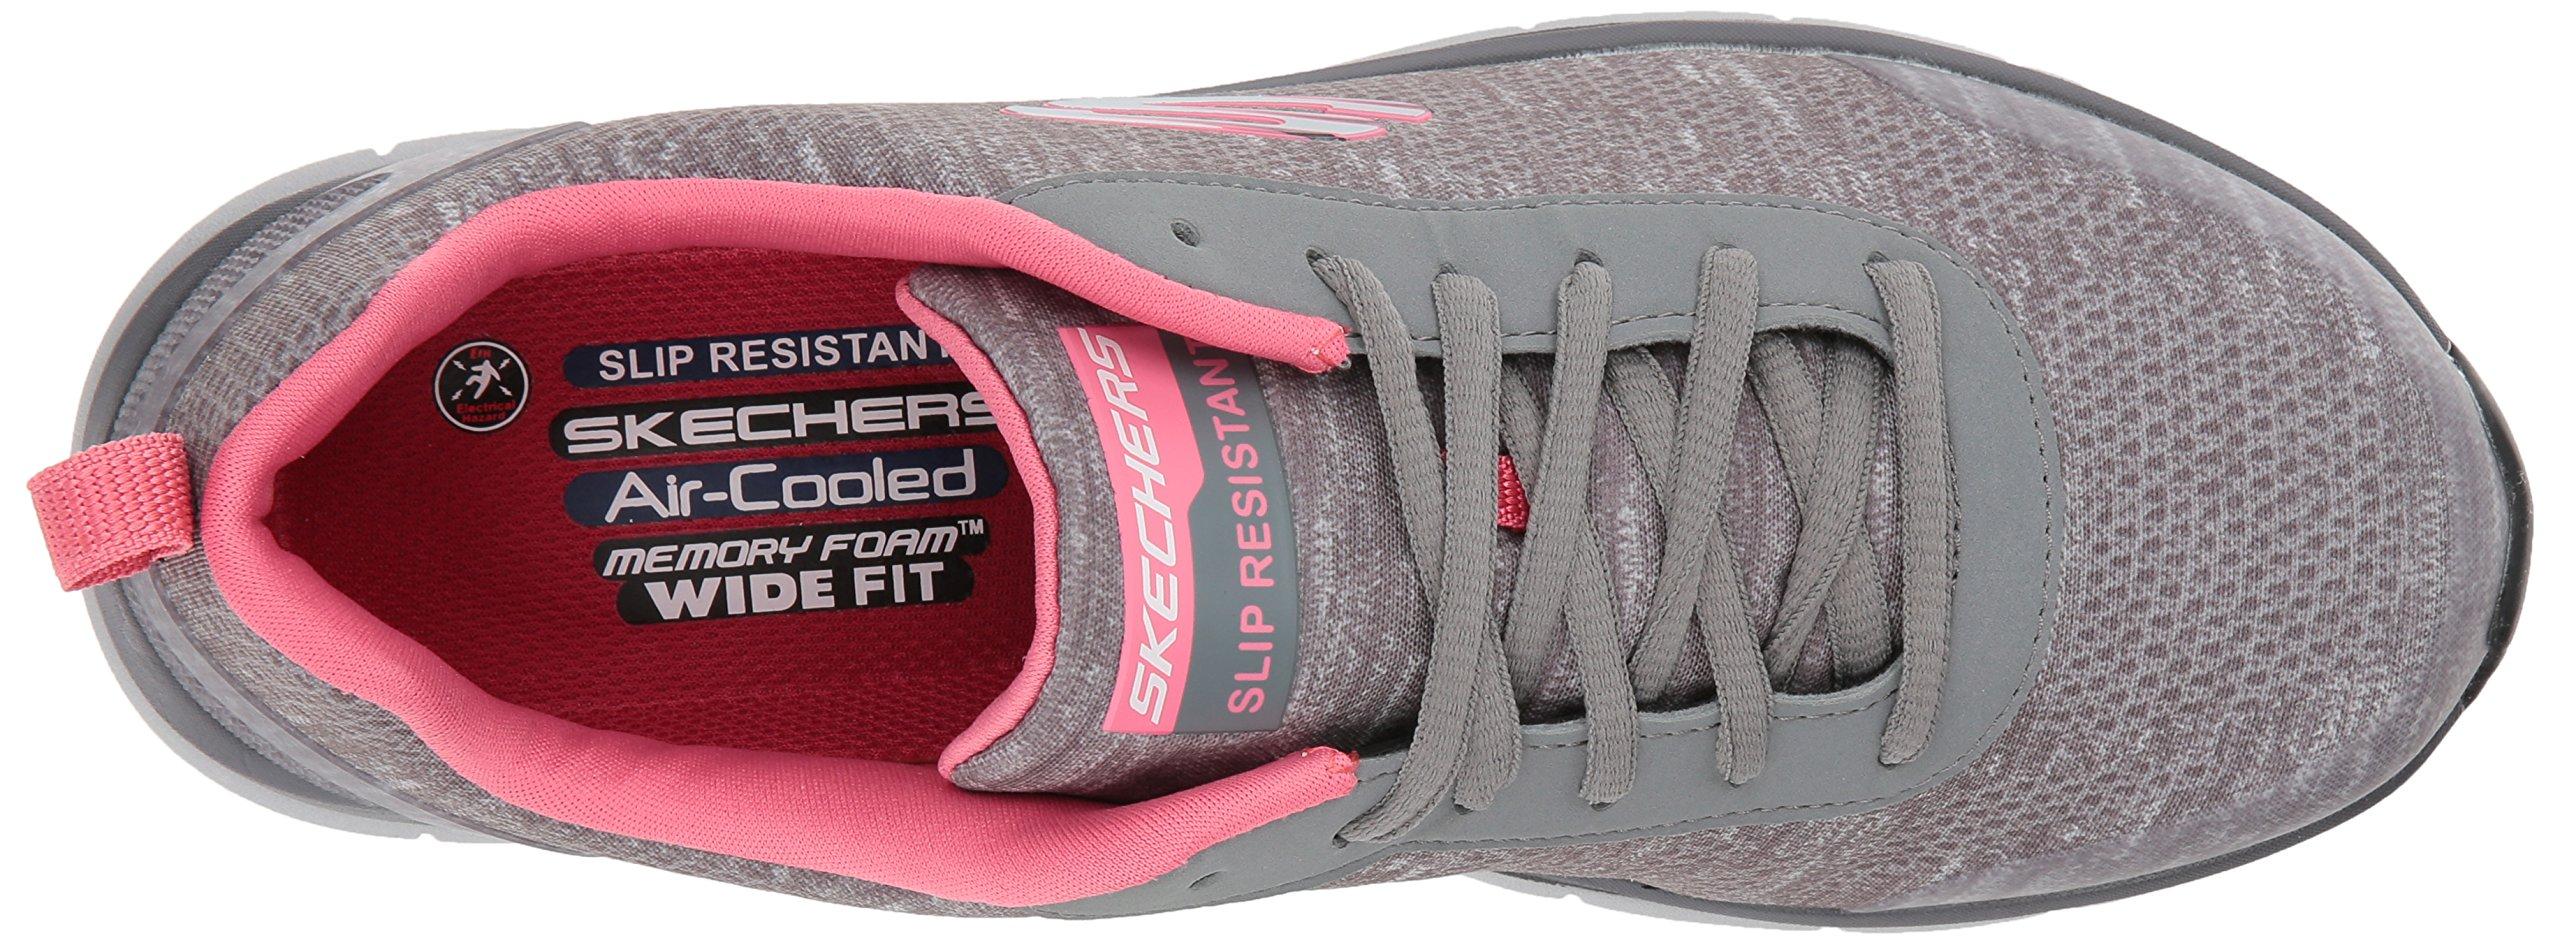 6d21e7252b80 Skechers Women s Comfort Flex Sr Hc Pro Health Care Professional Shoe